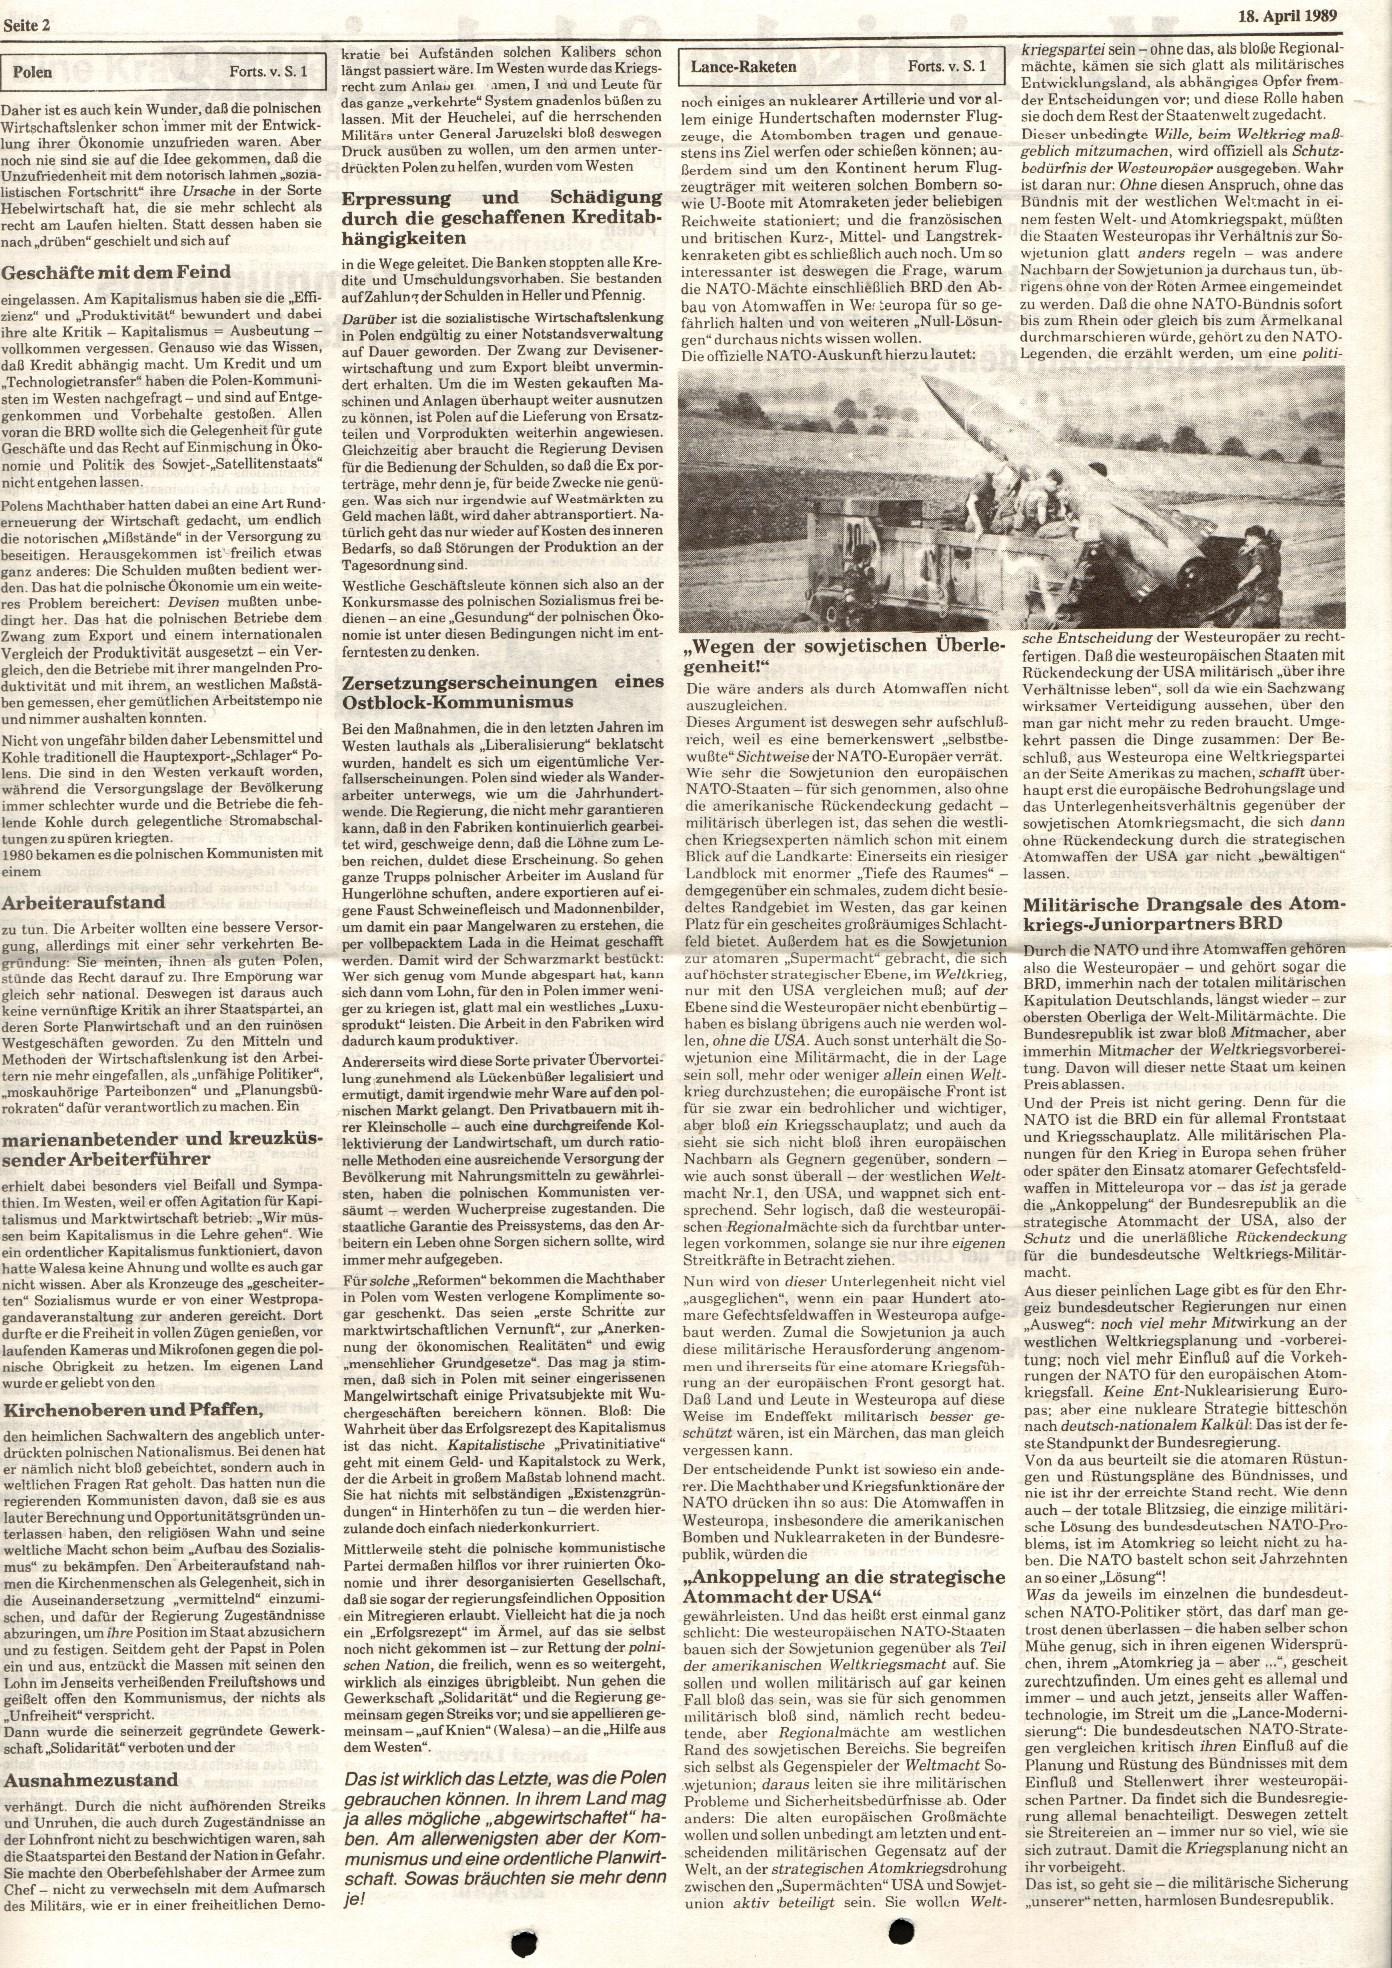 Ruhrgebiet_MG_Marxistische_Schulzeitung_19890418_02